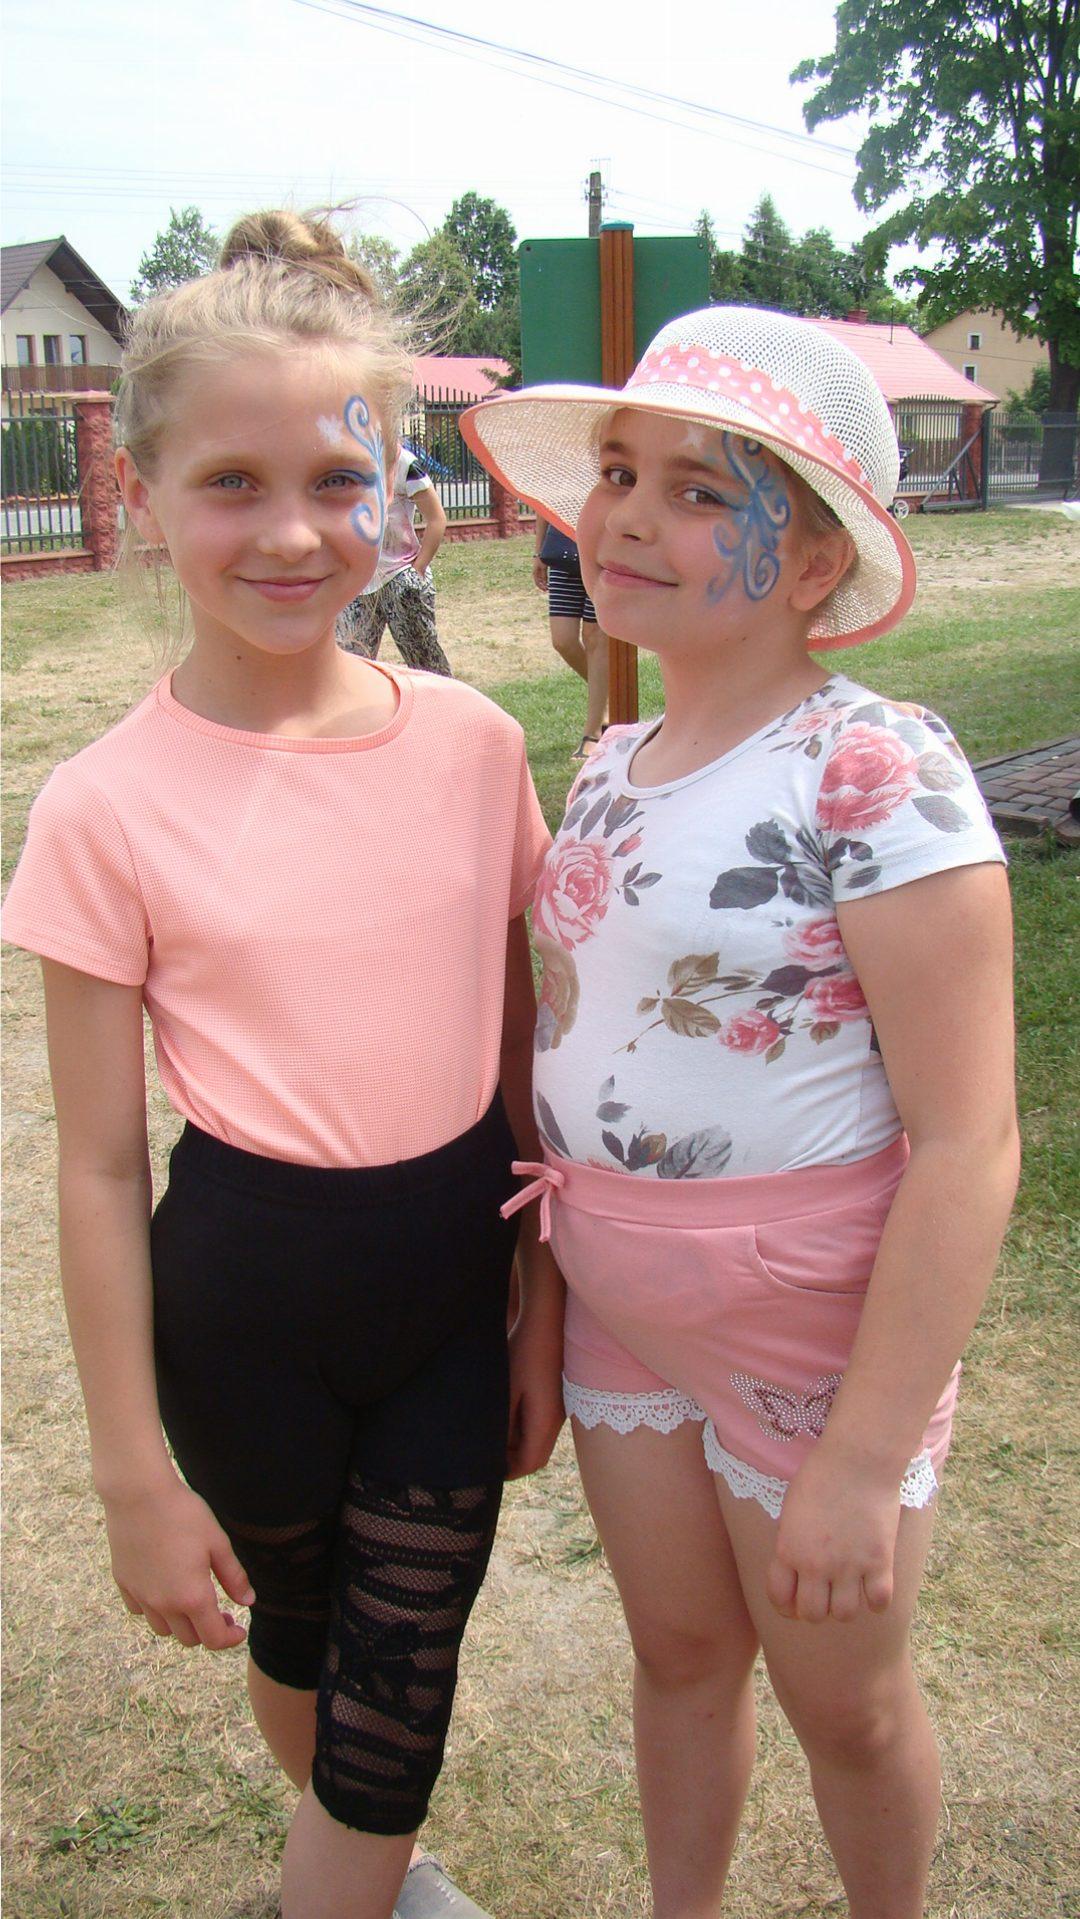 Tak się bawiliśmy na placu szkolnym